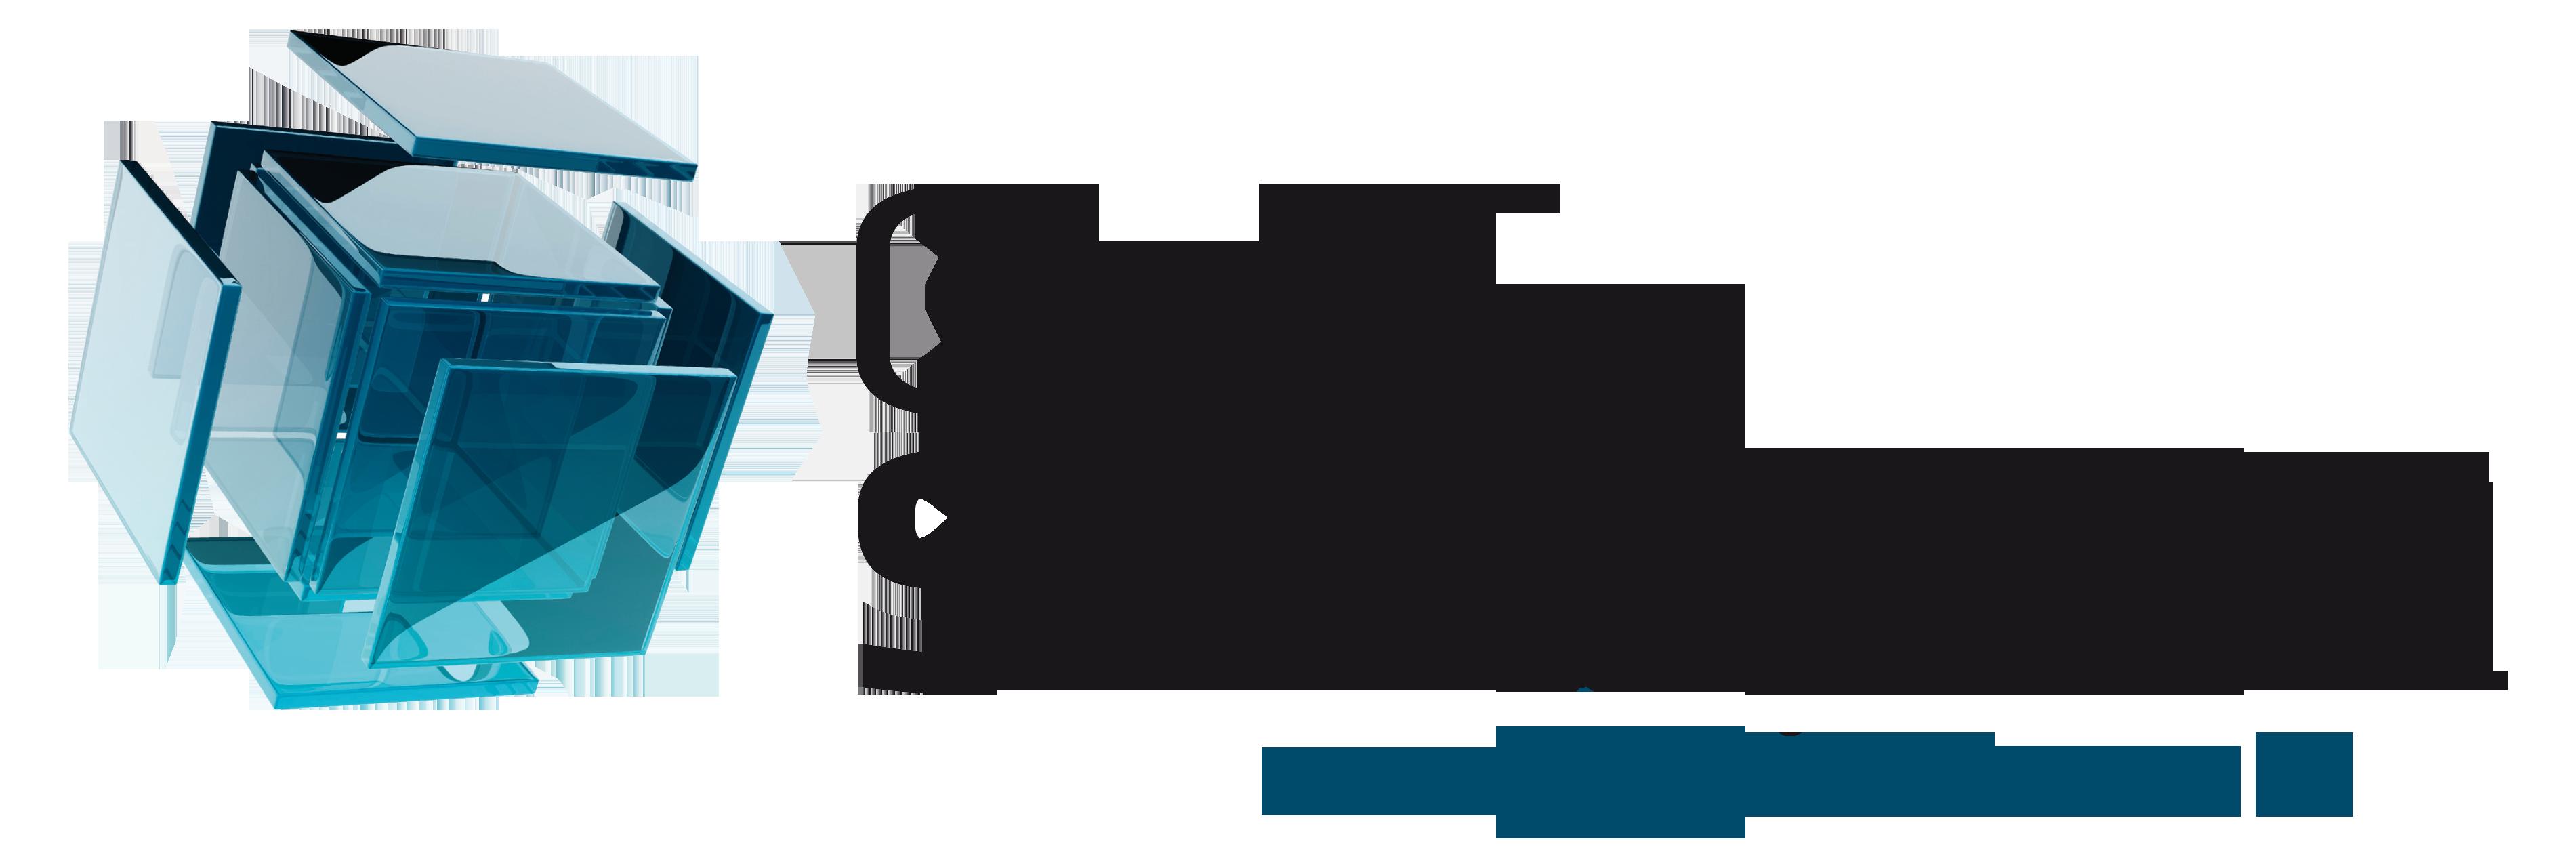 Glas Strasser - Ihre Glaserei im Bezirk Rohrbach in OÖ | Ihr Fachmann für Bauverglasung, Isolierverglasung, Ganzglasanlagen, Stiegengeländer, Kunstverglasung, Duschverbauten, Küchenrückwände und vieles mehr in OÖ.